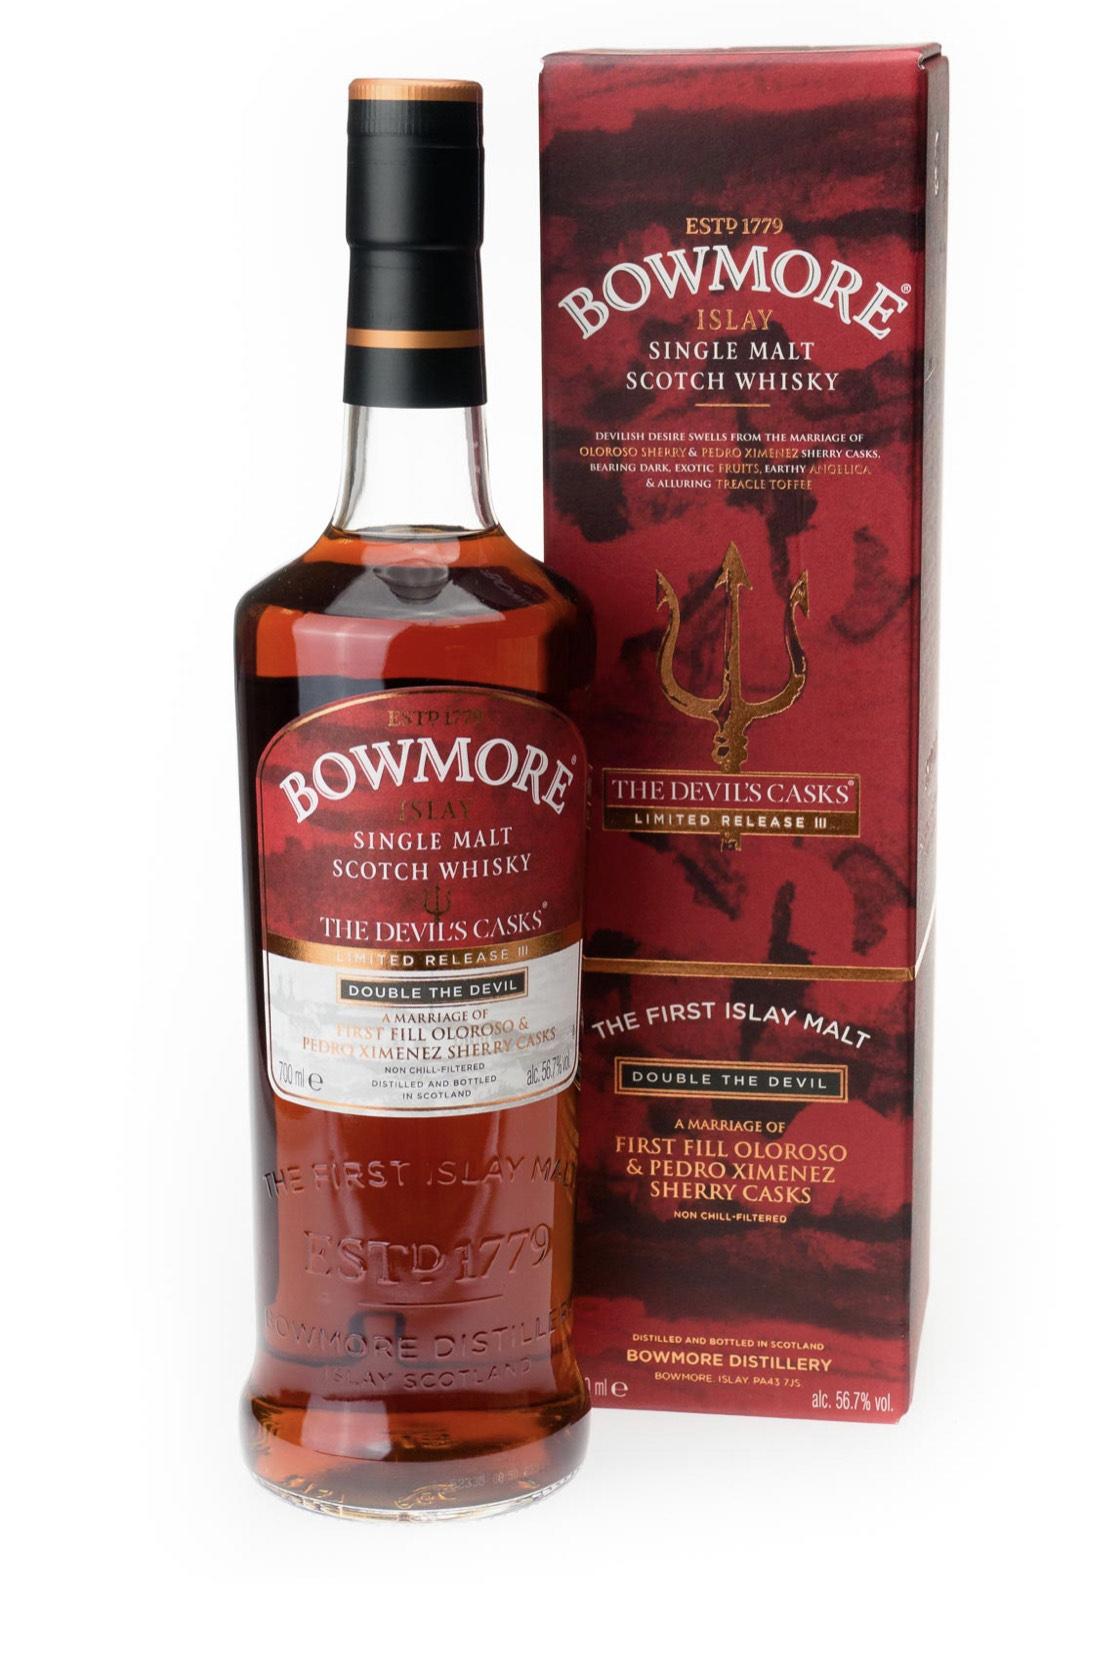 Bowmore Devils Cask III Single Malt Scotch Whisky